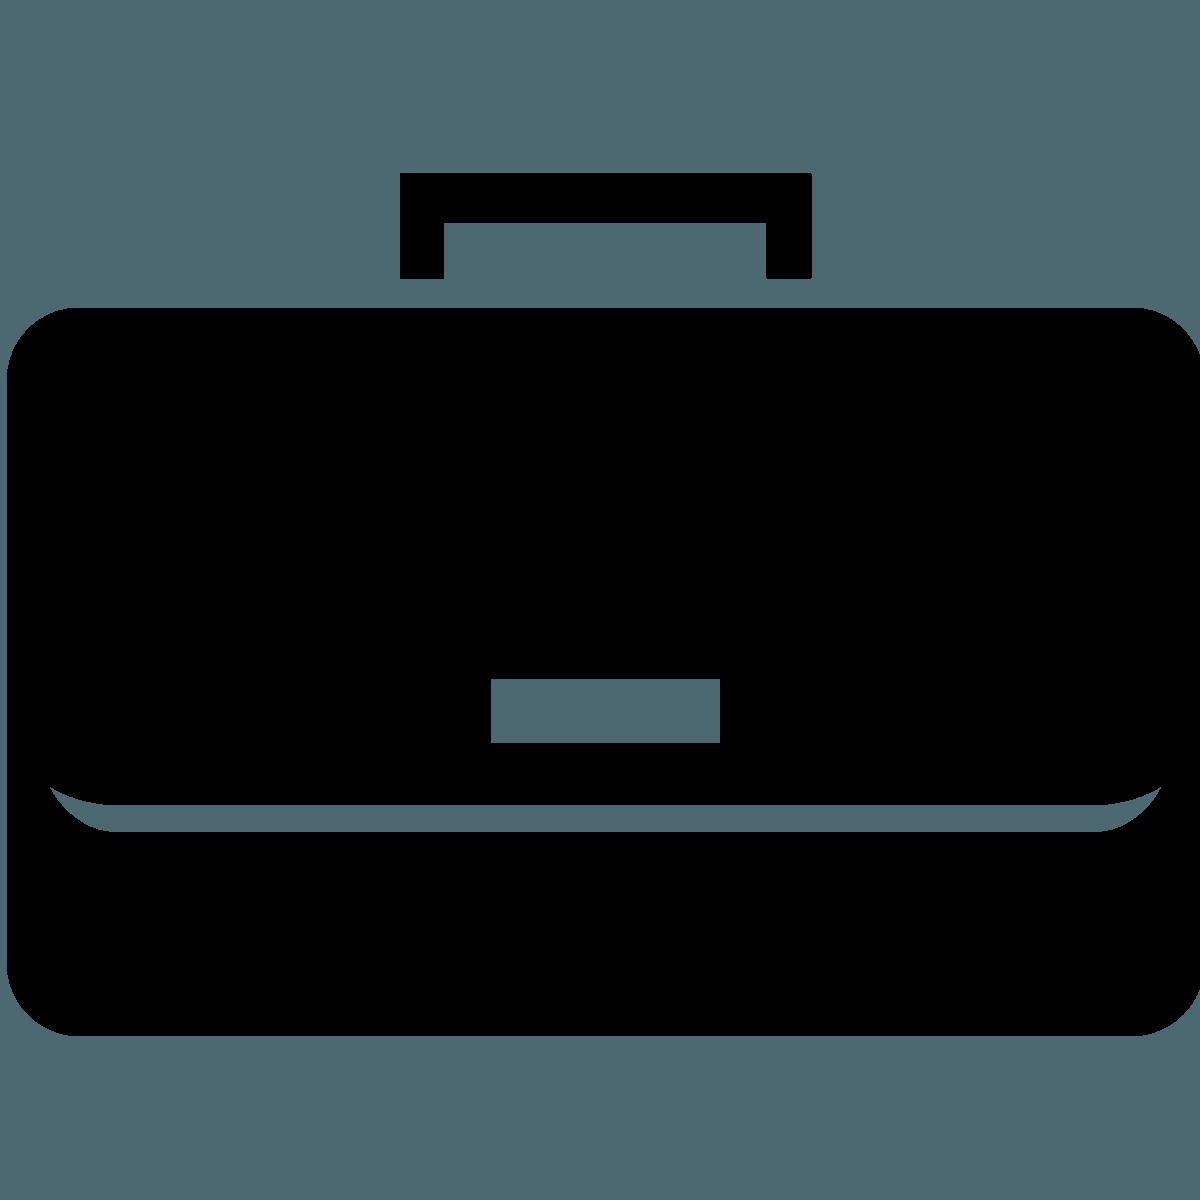 Business clipart suitcase Suitcase Clipart com Clipart Business